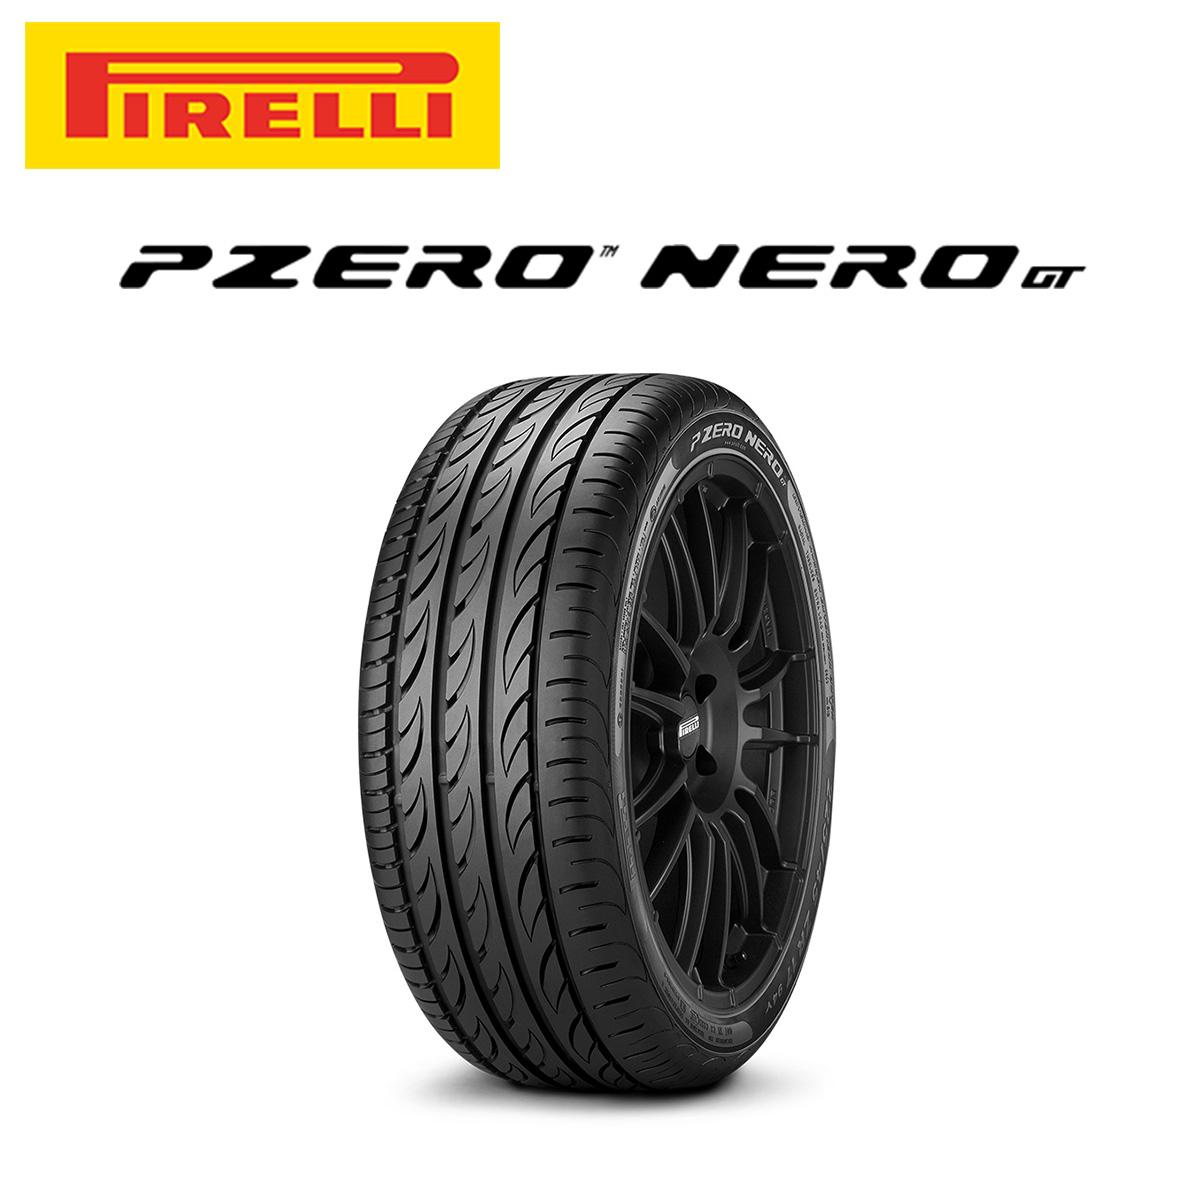 ピレリ PIRELLI P ZERO NERO GT ピーゼロネロ ジーティ 22インチ サマー タイヤ 1本 265/30ZR22 97Y XL EXTRA LOAD規格 ロープロファイルタイヤシリーズ 2543300